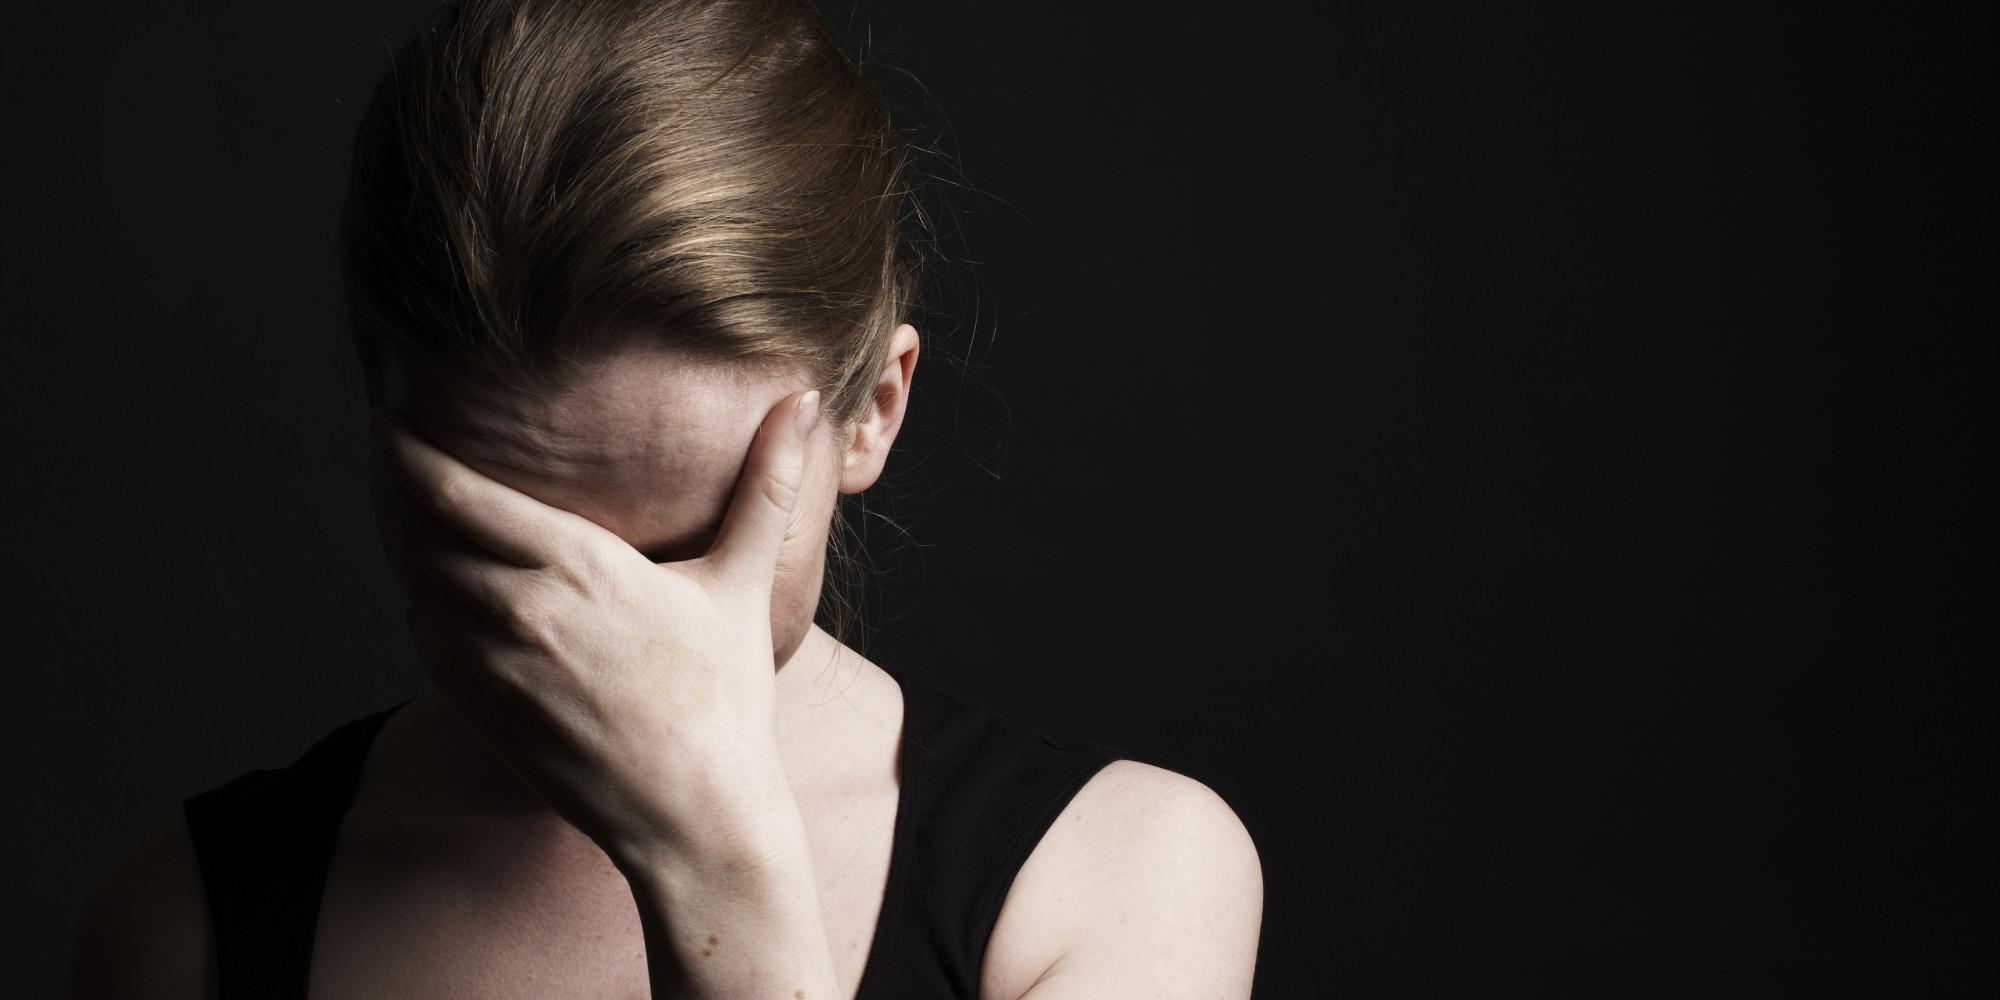 El proceso de duelo y luto puede ayudar a sanar más rápido a los afectados